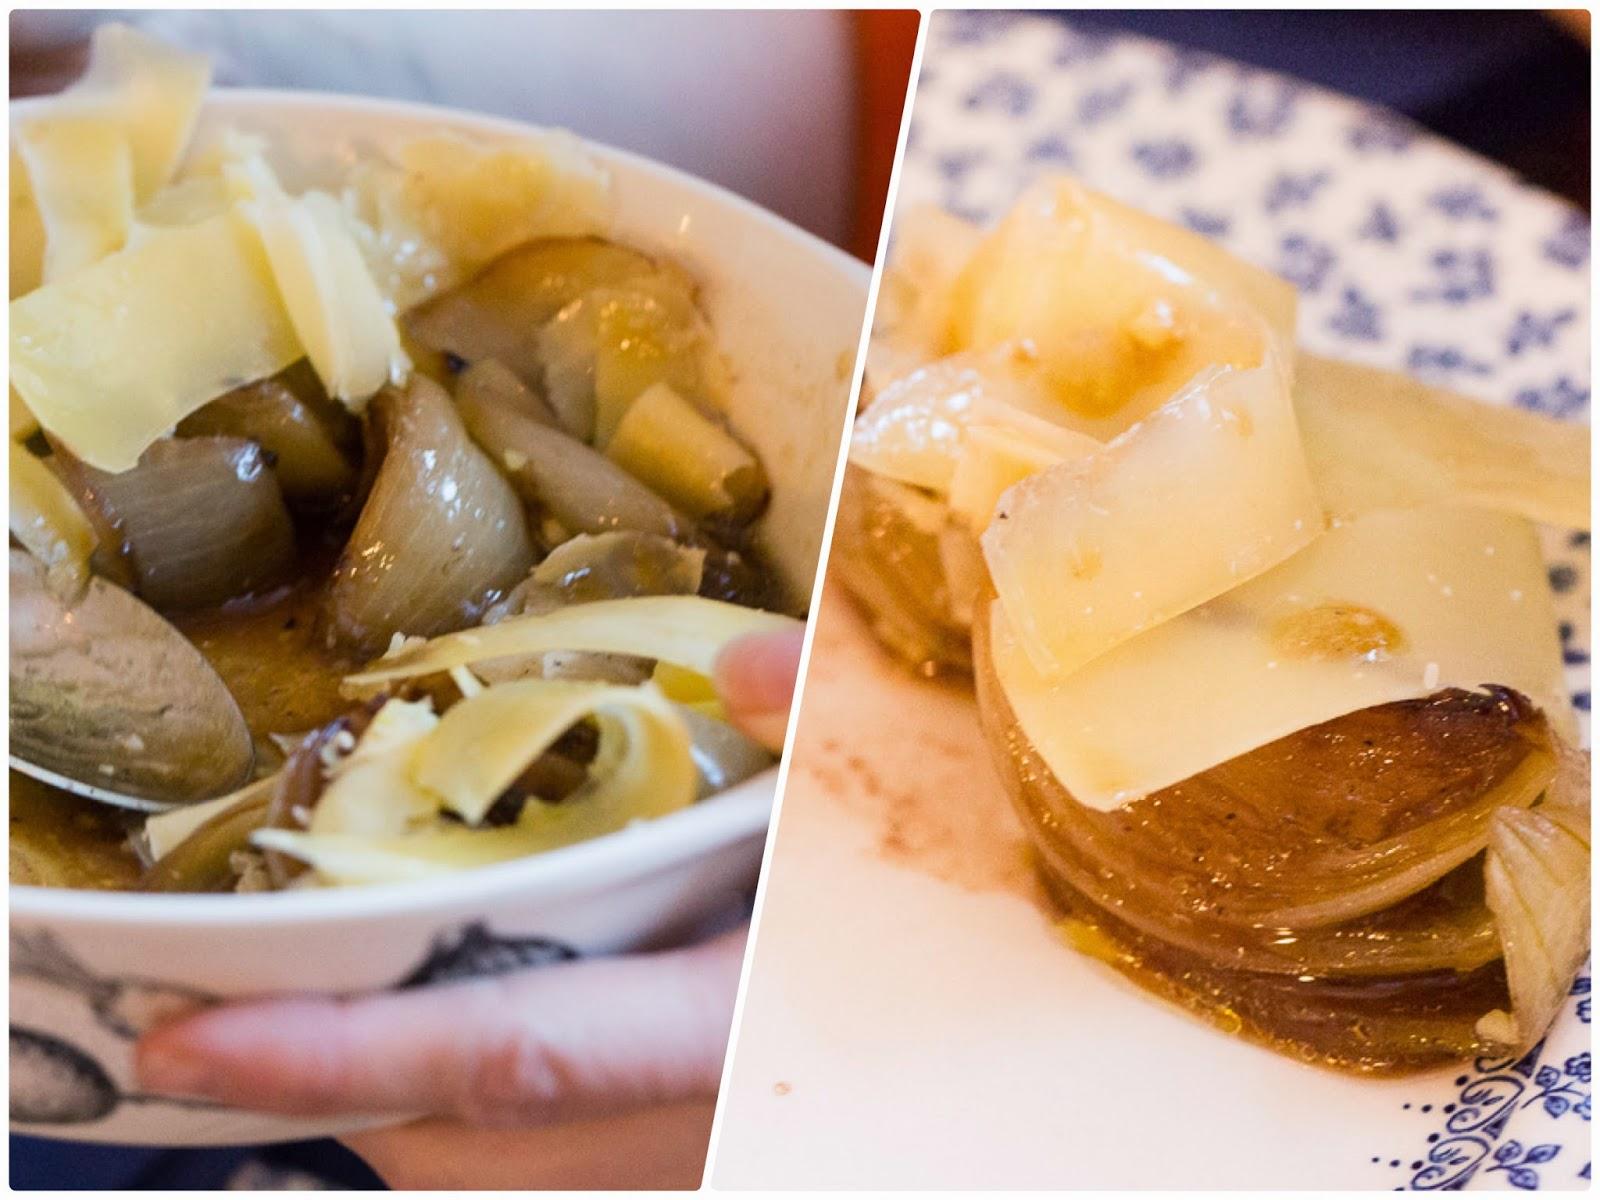 sipulia ja juustoa